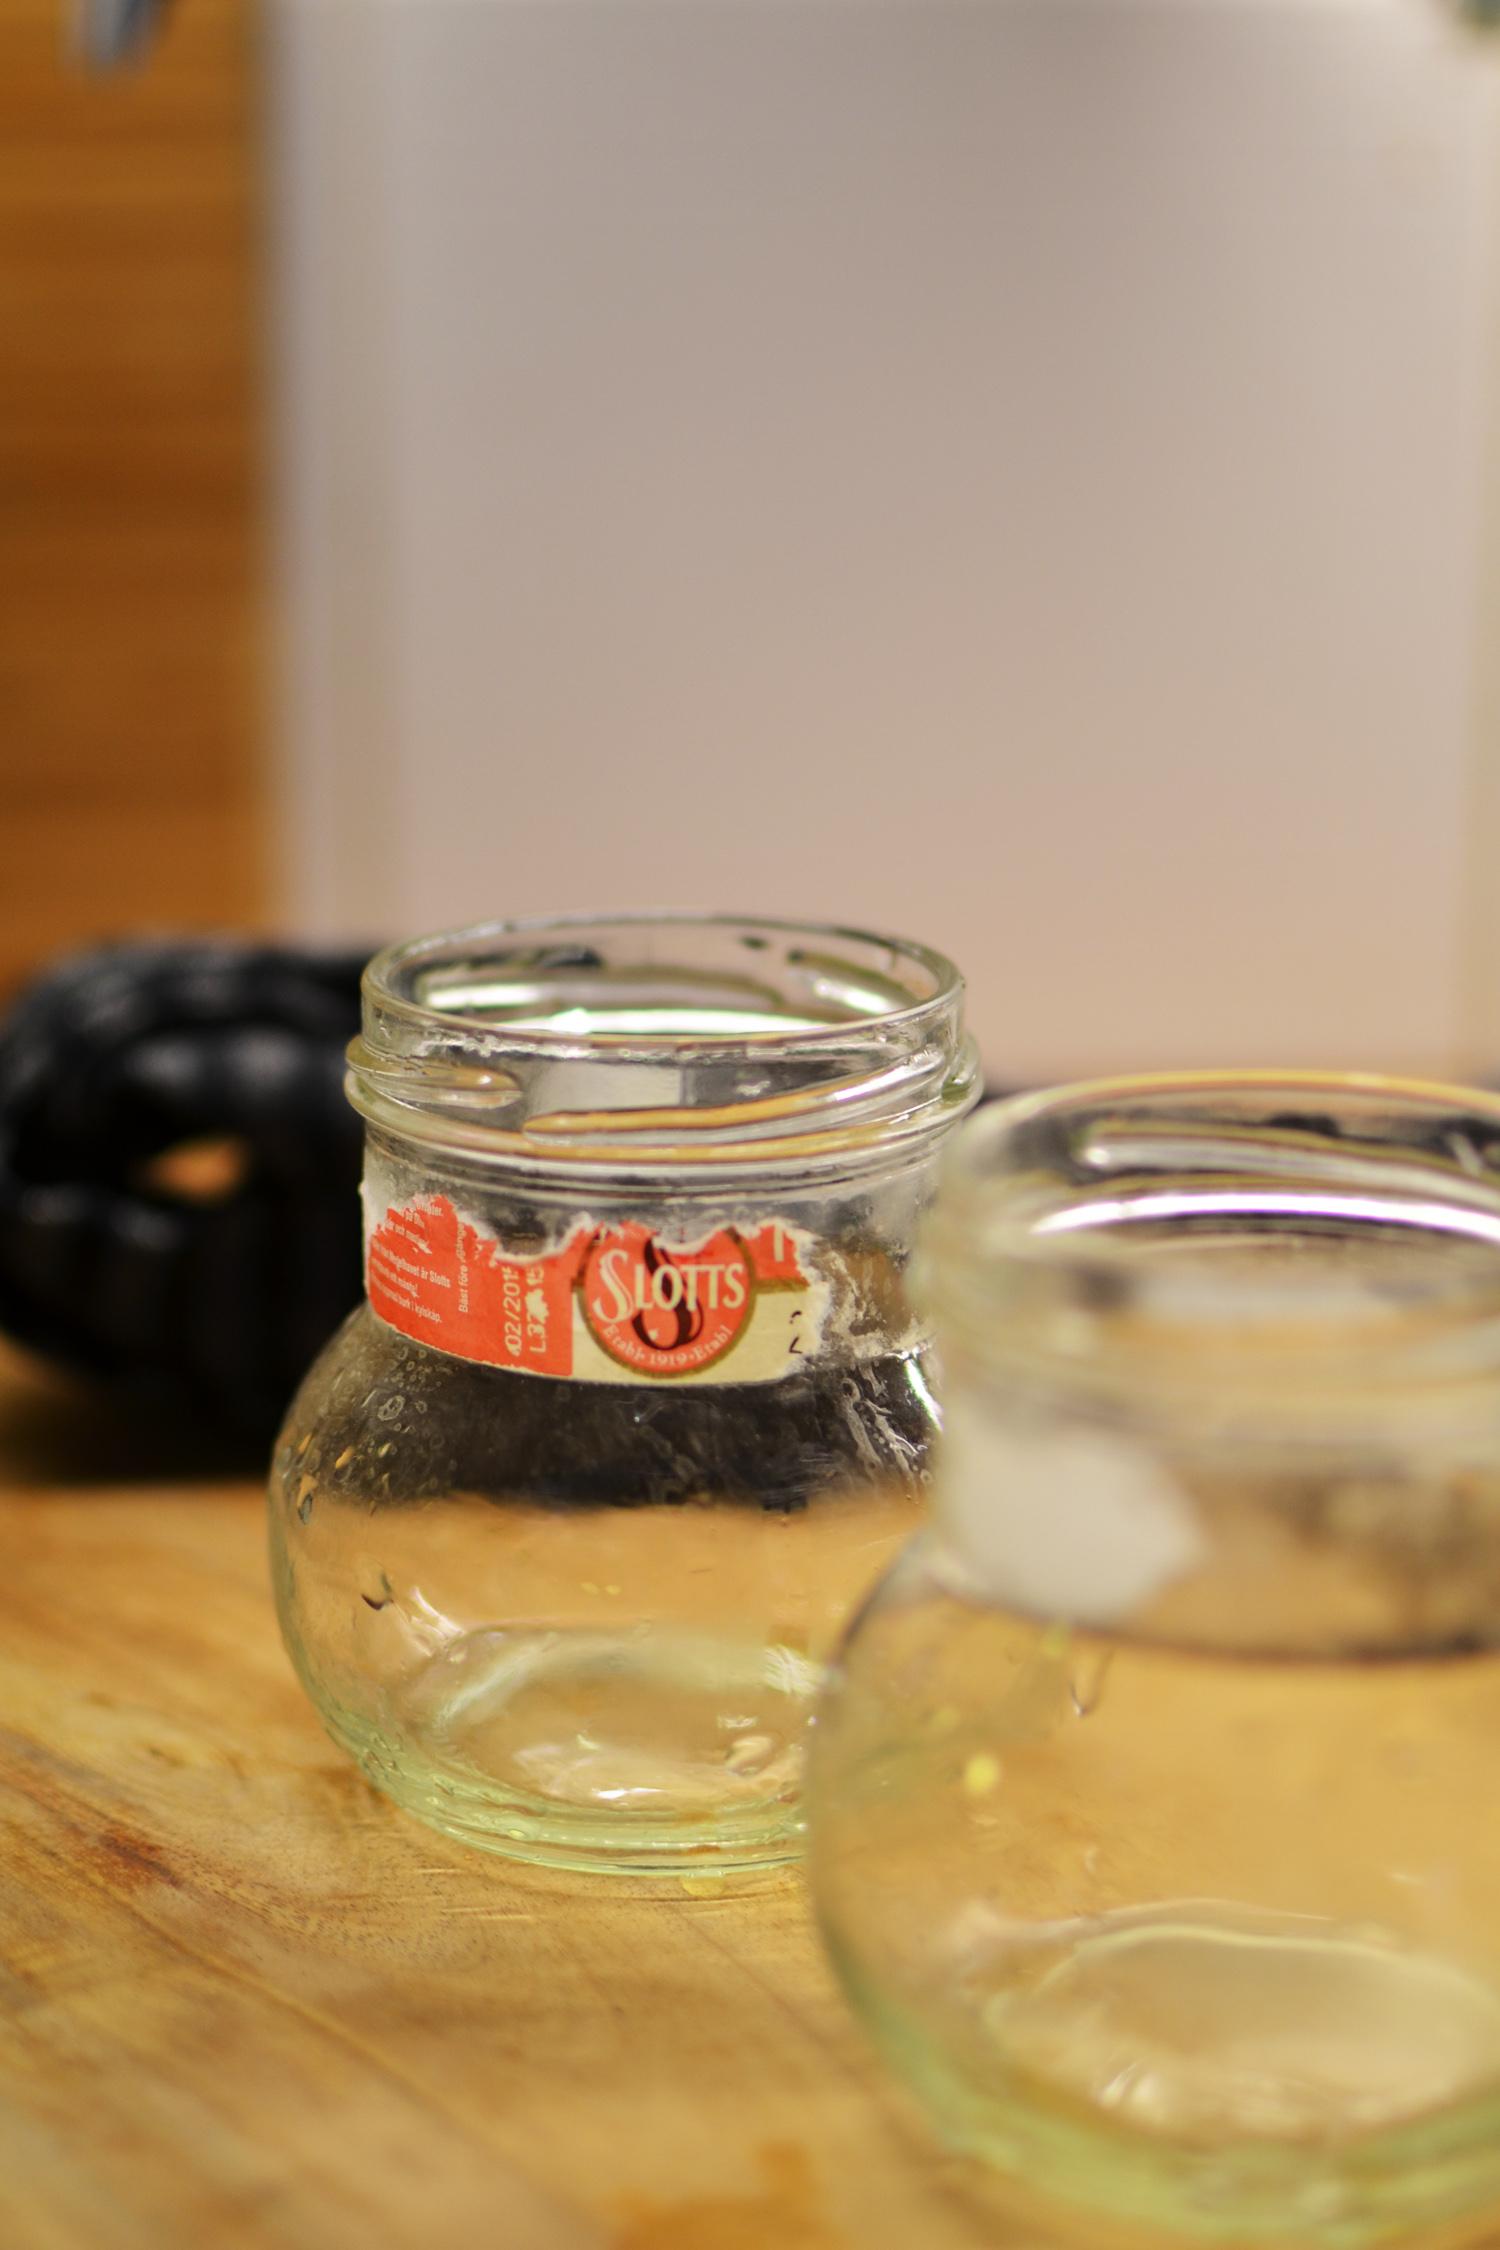 ta bort etikett från glasburk